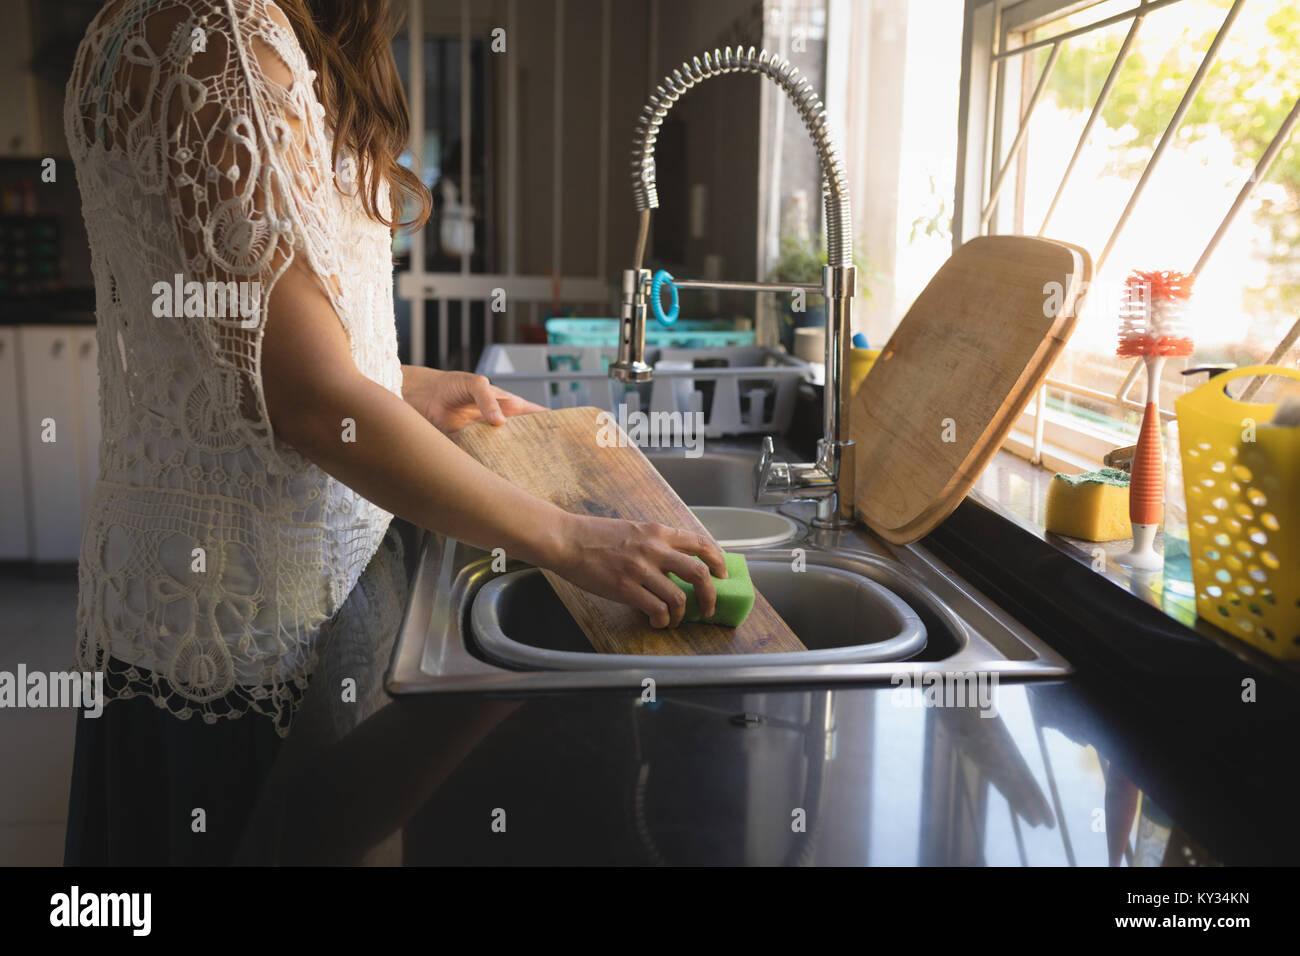 Lavaggio donna tagliere in lavandino Immagini Stock